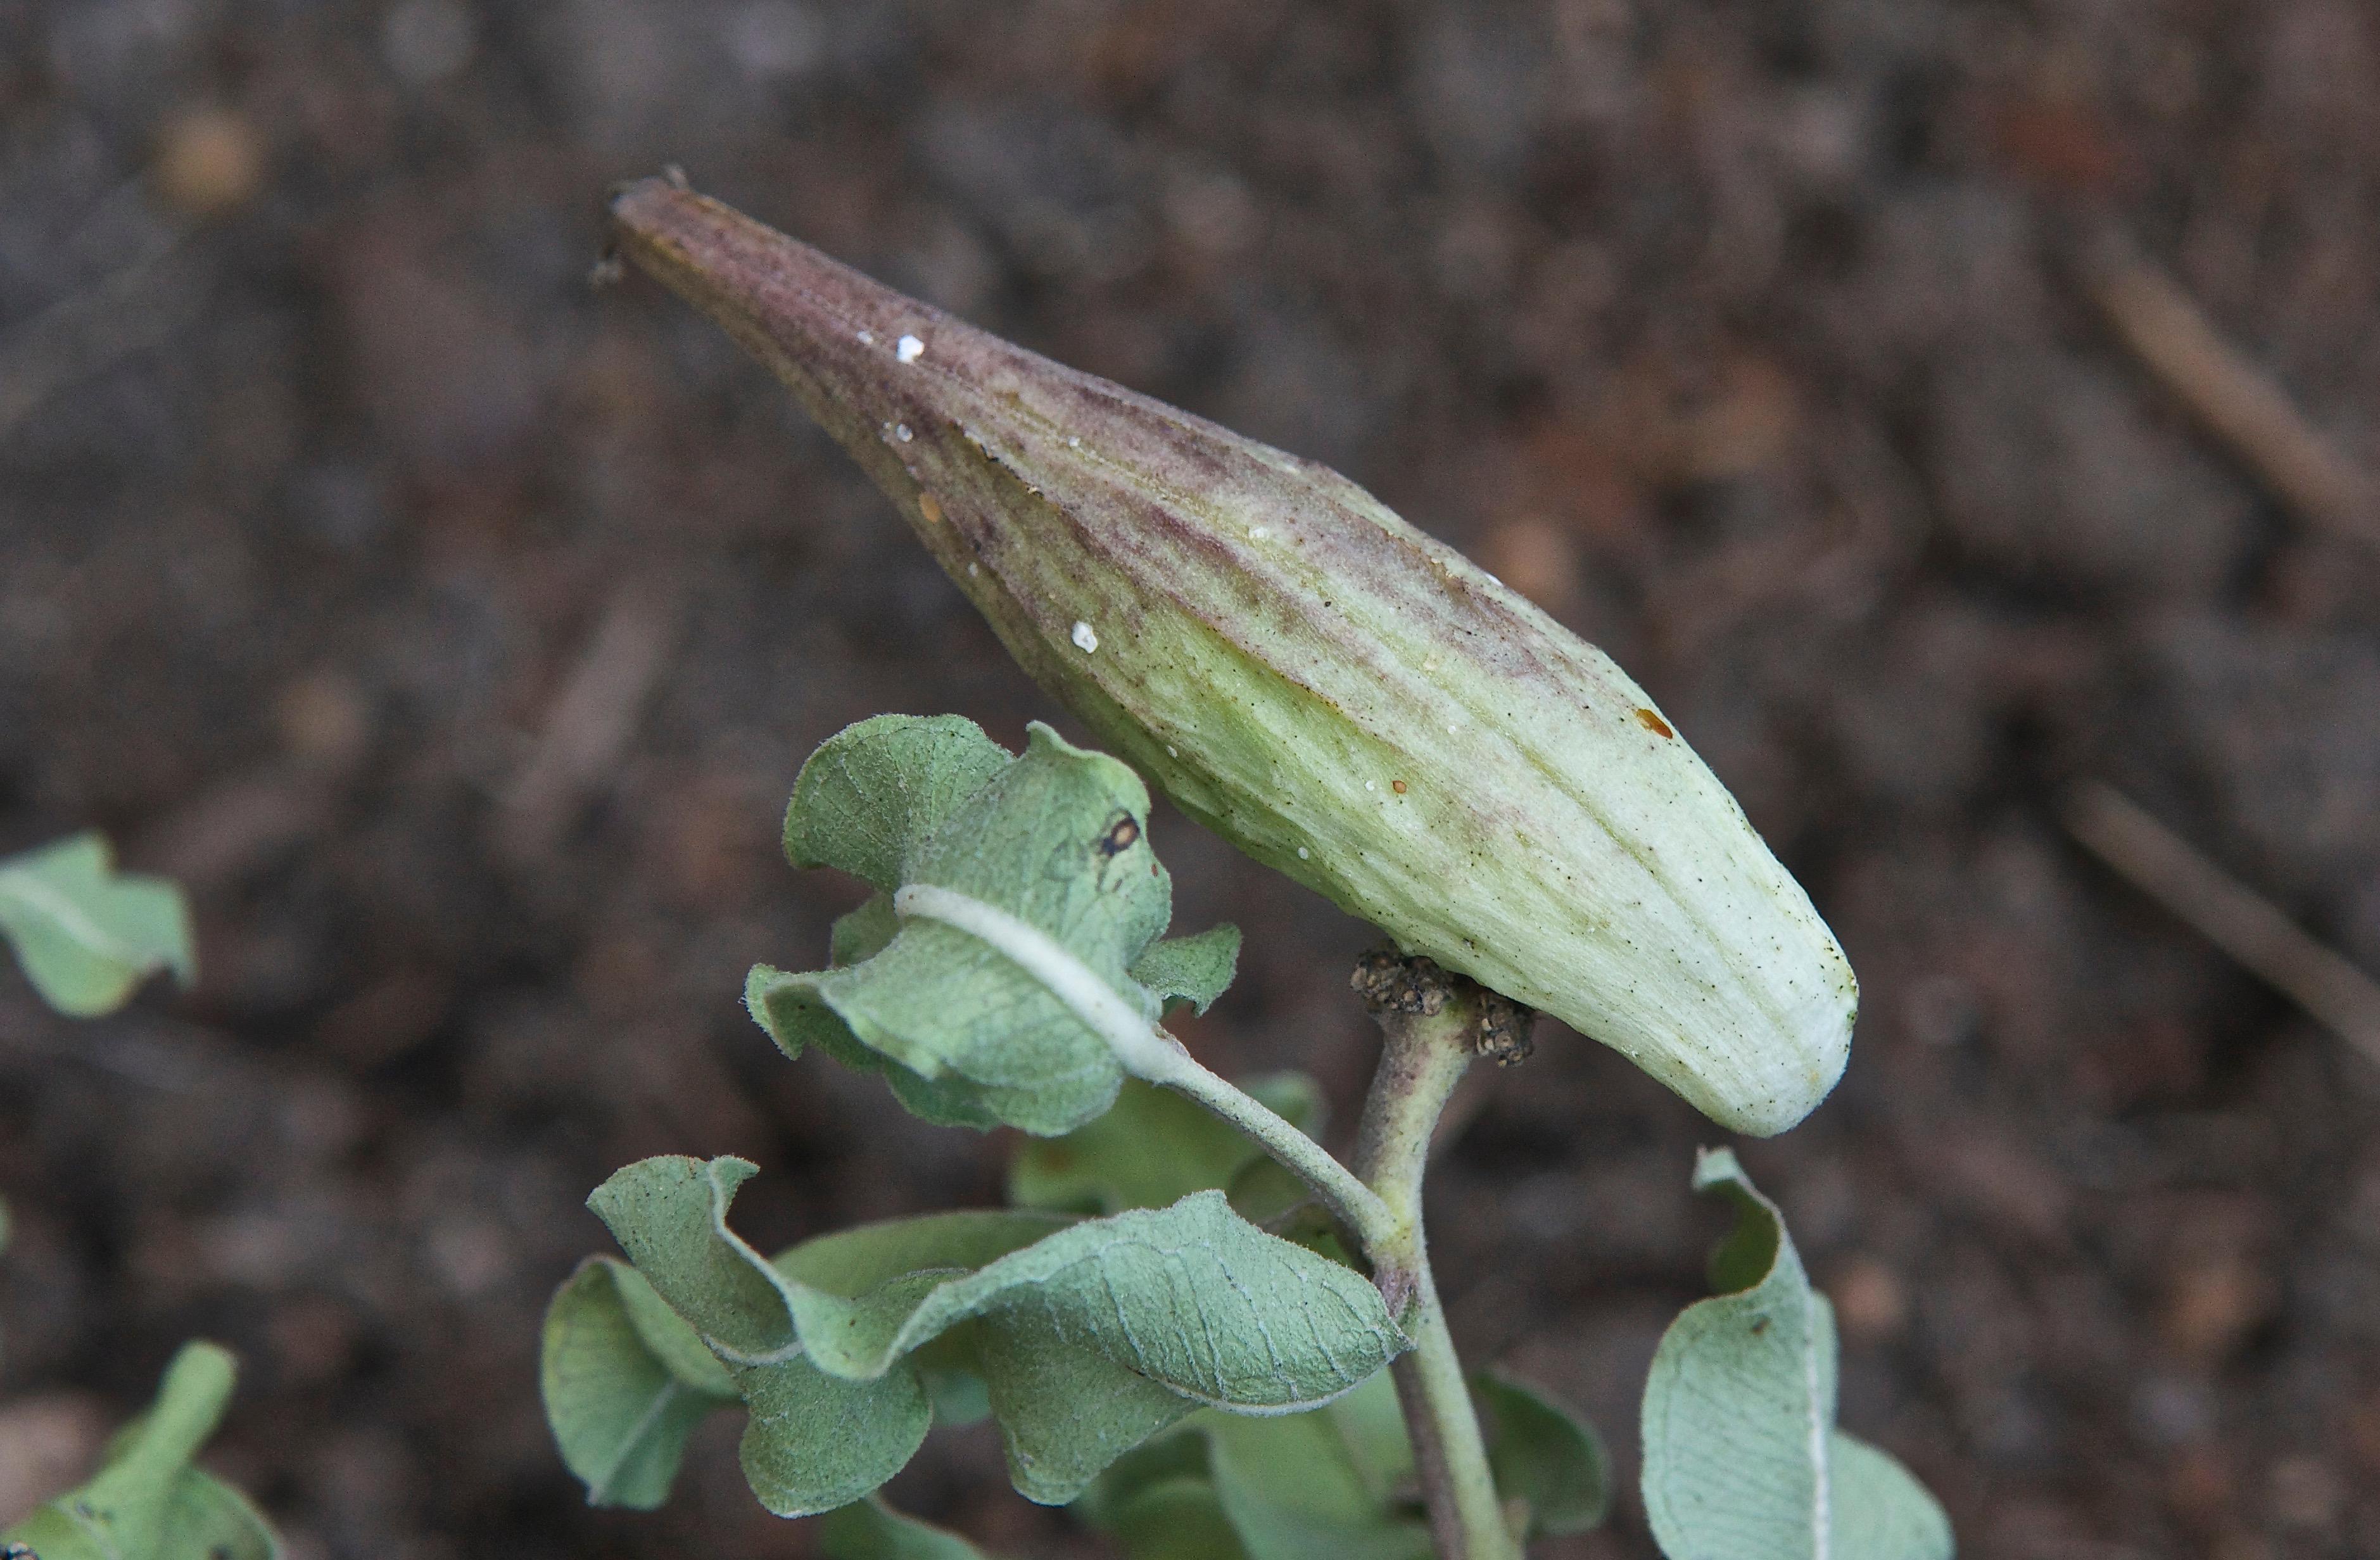 Green Milkweed (Asclepias viridiflora)